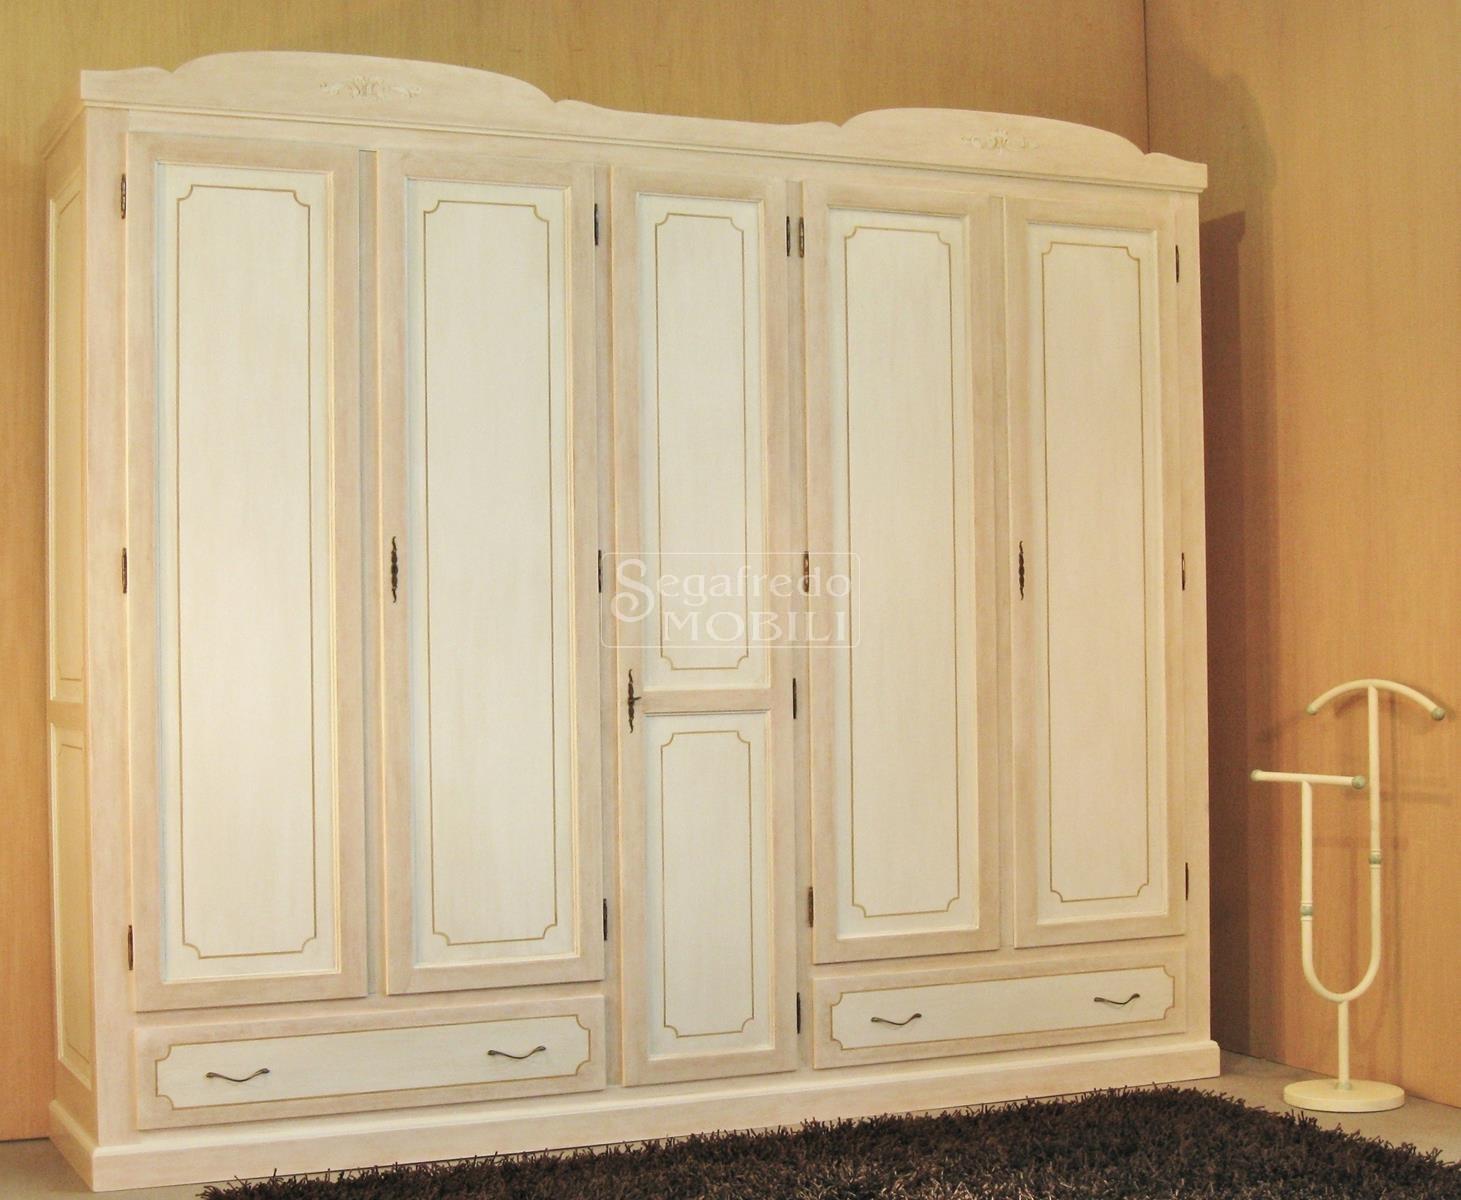 Decorazione Ante Armadio : Armadio laccato e decorato a mano a 5 ante battenti mobilificio